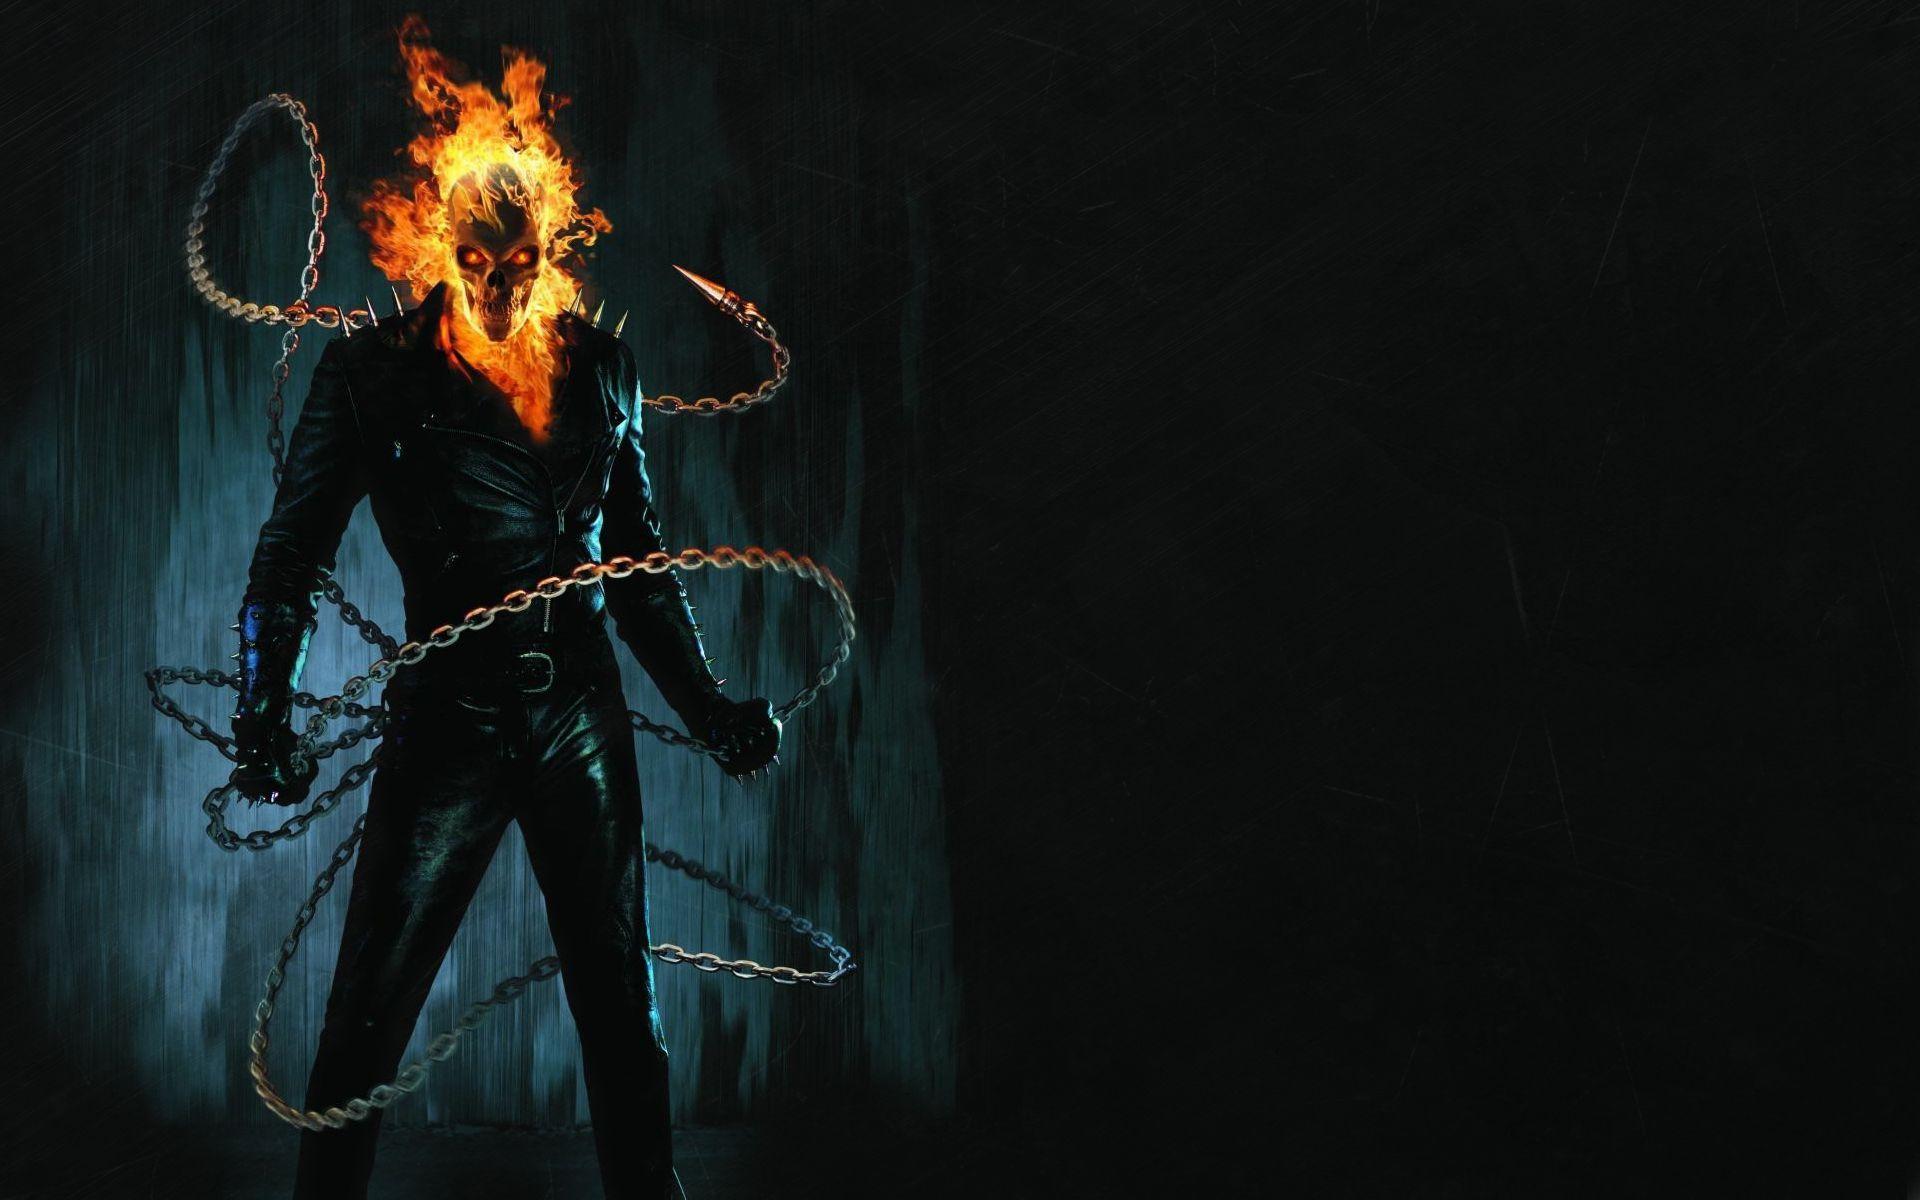 Ghost Rider Desktop Wallpaper - WallpaperSafari